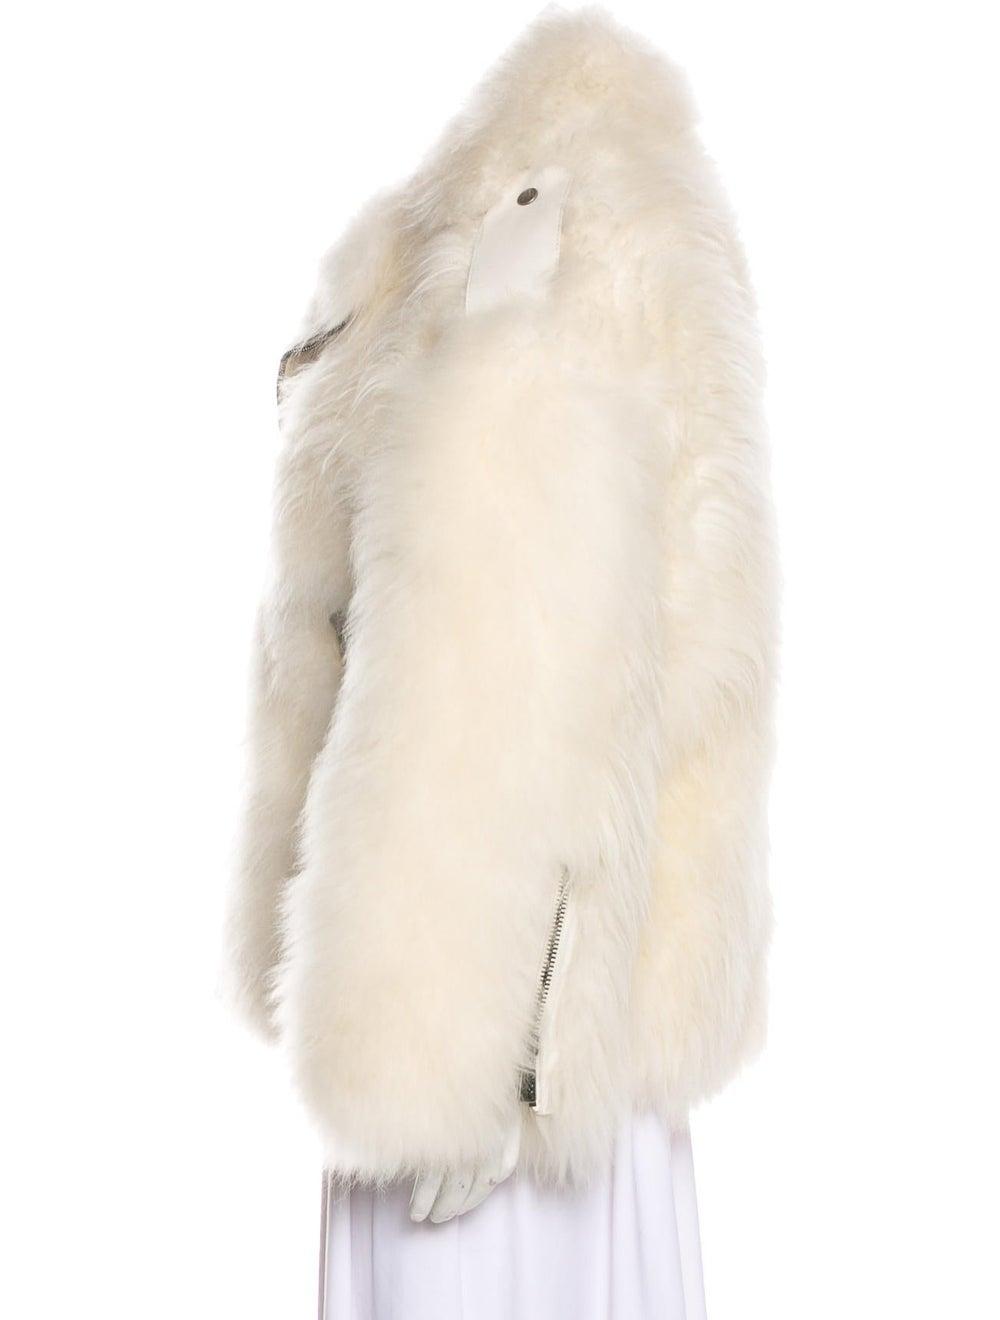 Hogan Shearling Leather Jacket - image 2